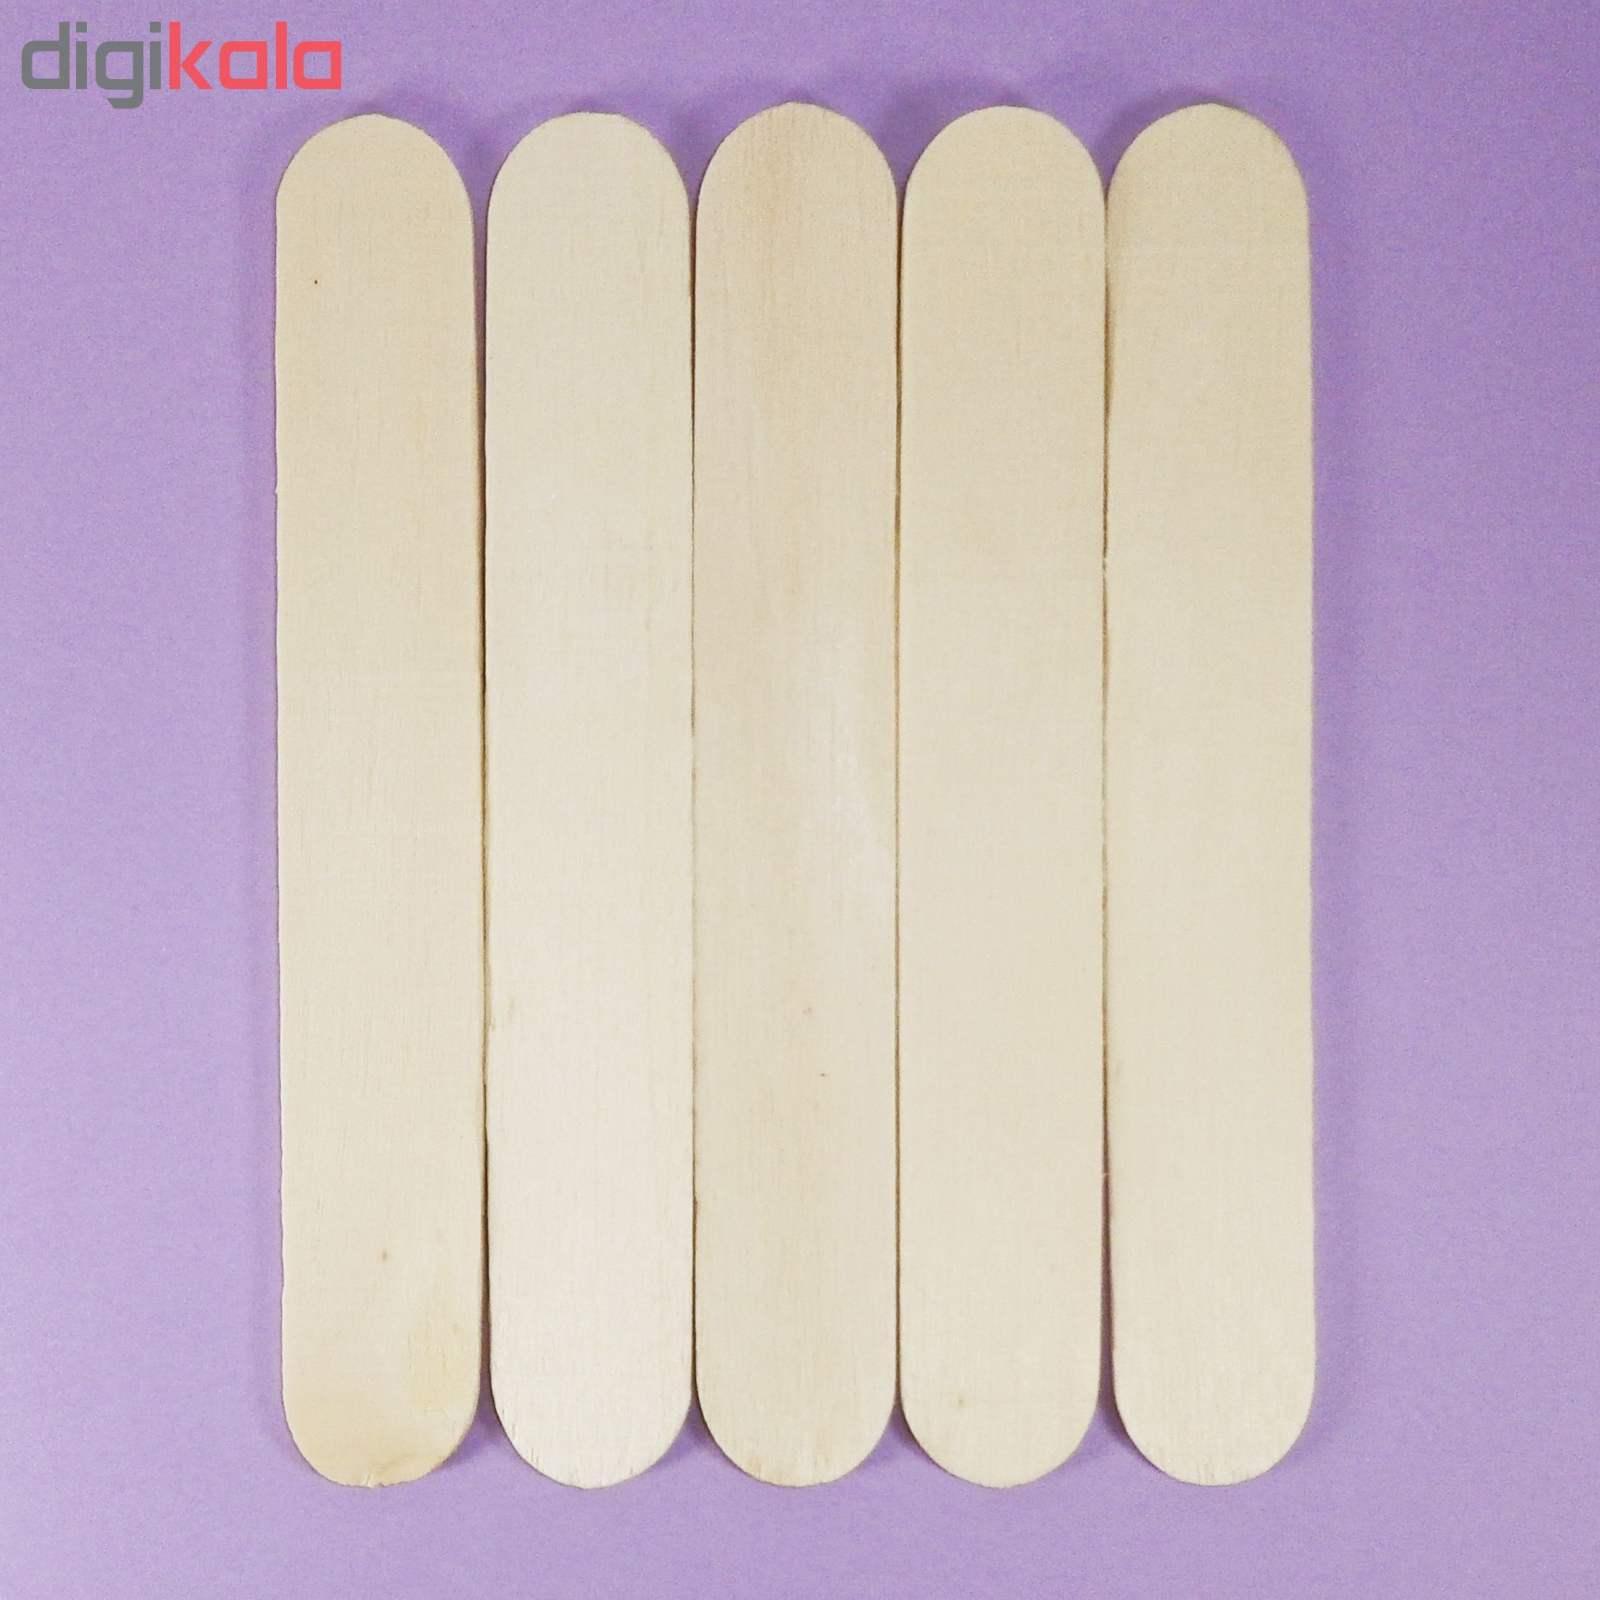 چوب بستنی پهن مدل P3001_01 بسته 40 عددی thumb 1